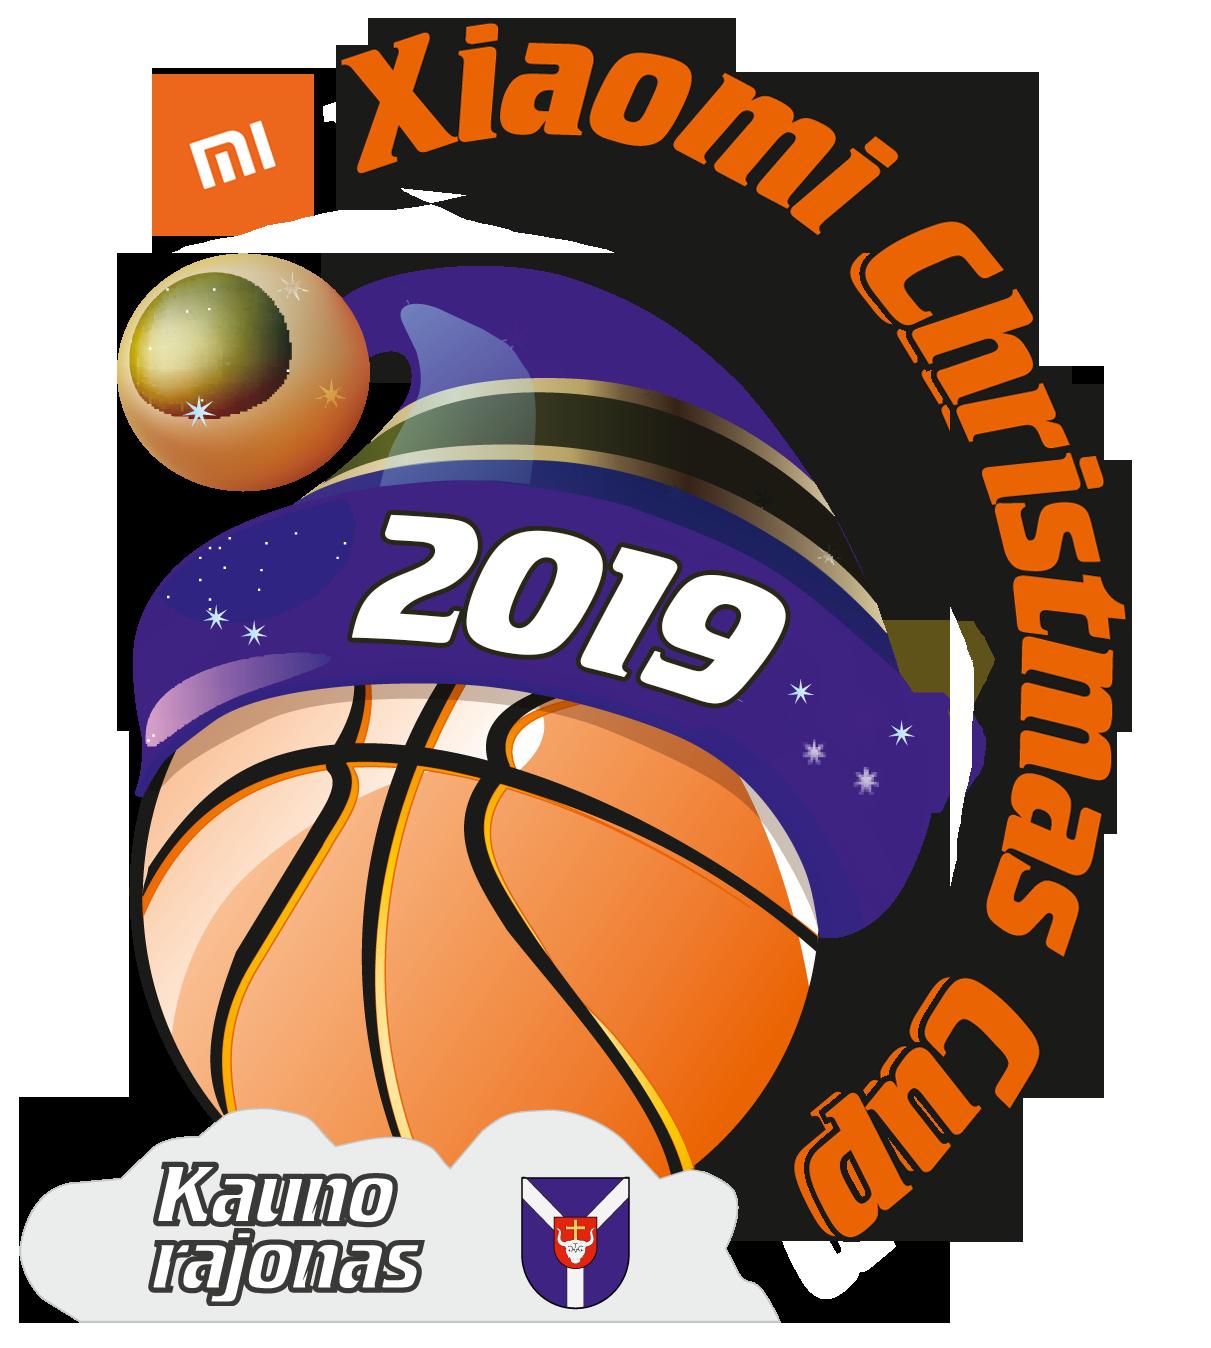 XMAS CUP 2019